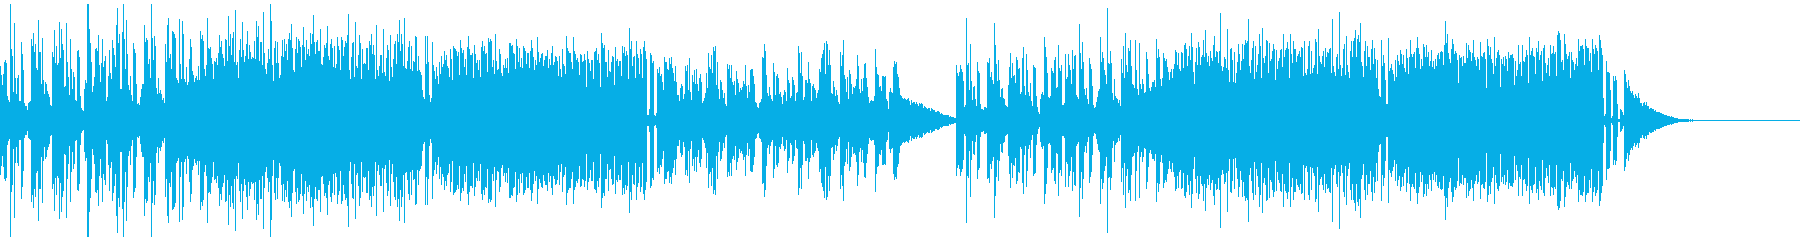 激しいエレクトロミュージックの再生済みの波形